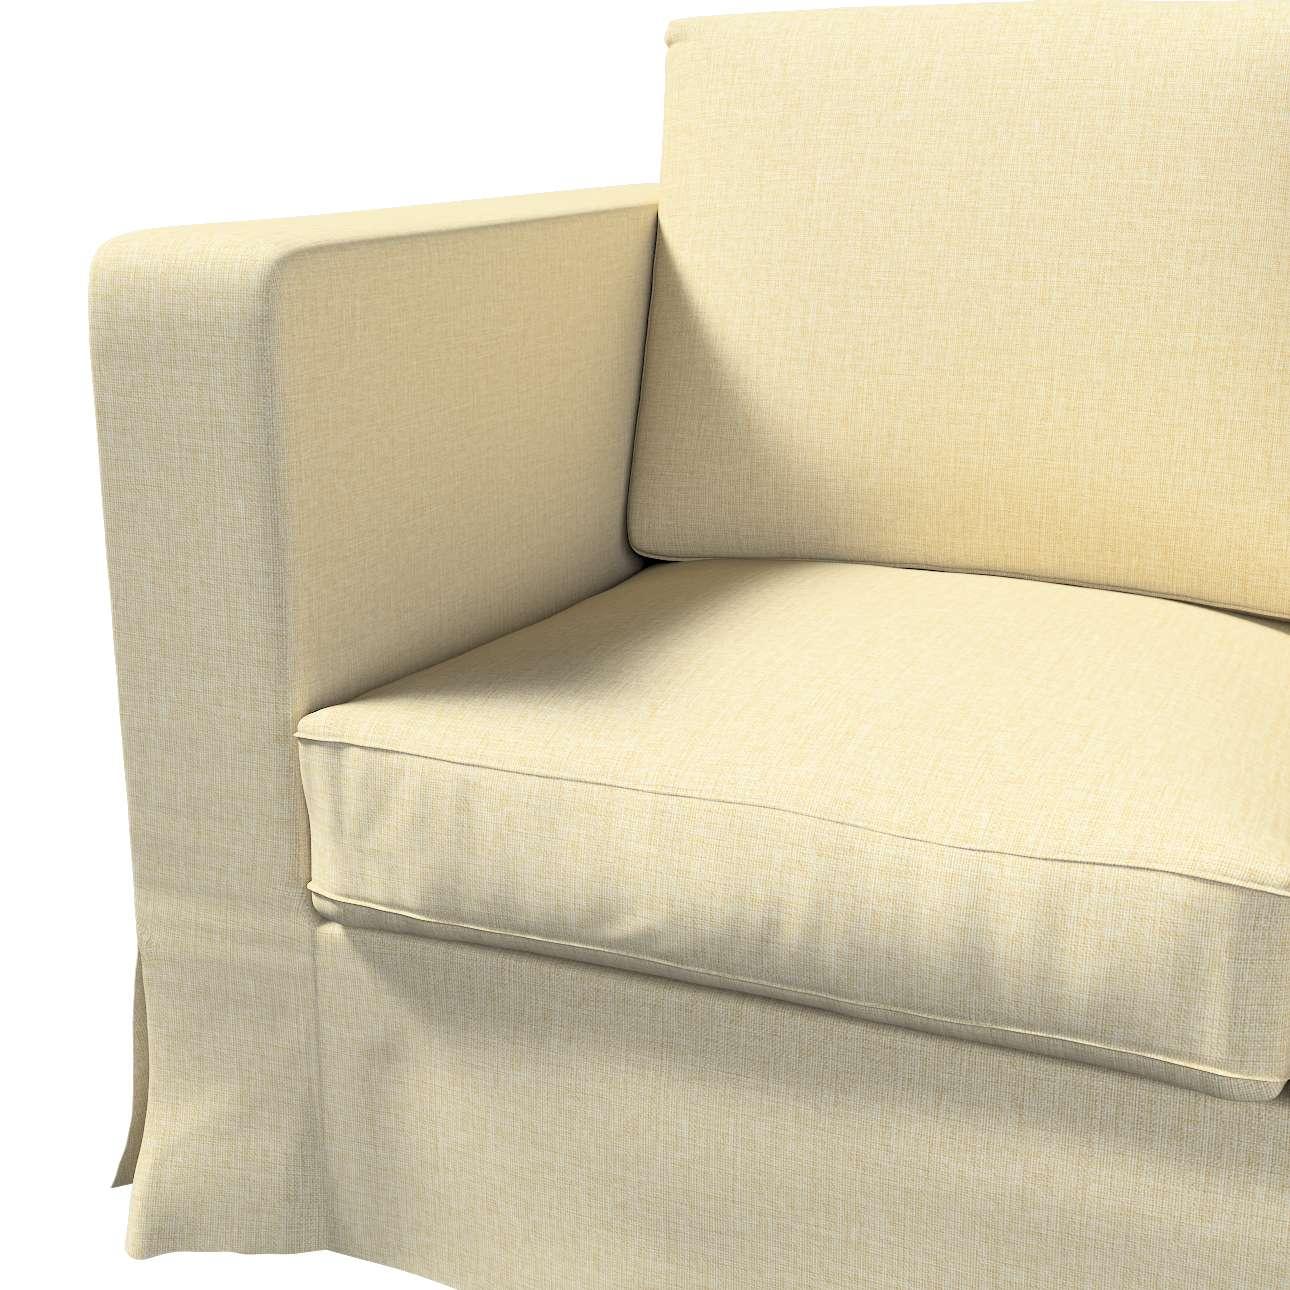 Potah na pohovku IKEA  Karlanda 3-místná nerozkládací, dlouhý v kolekci Living, látka: 161-45